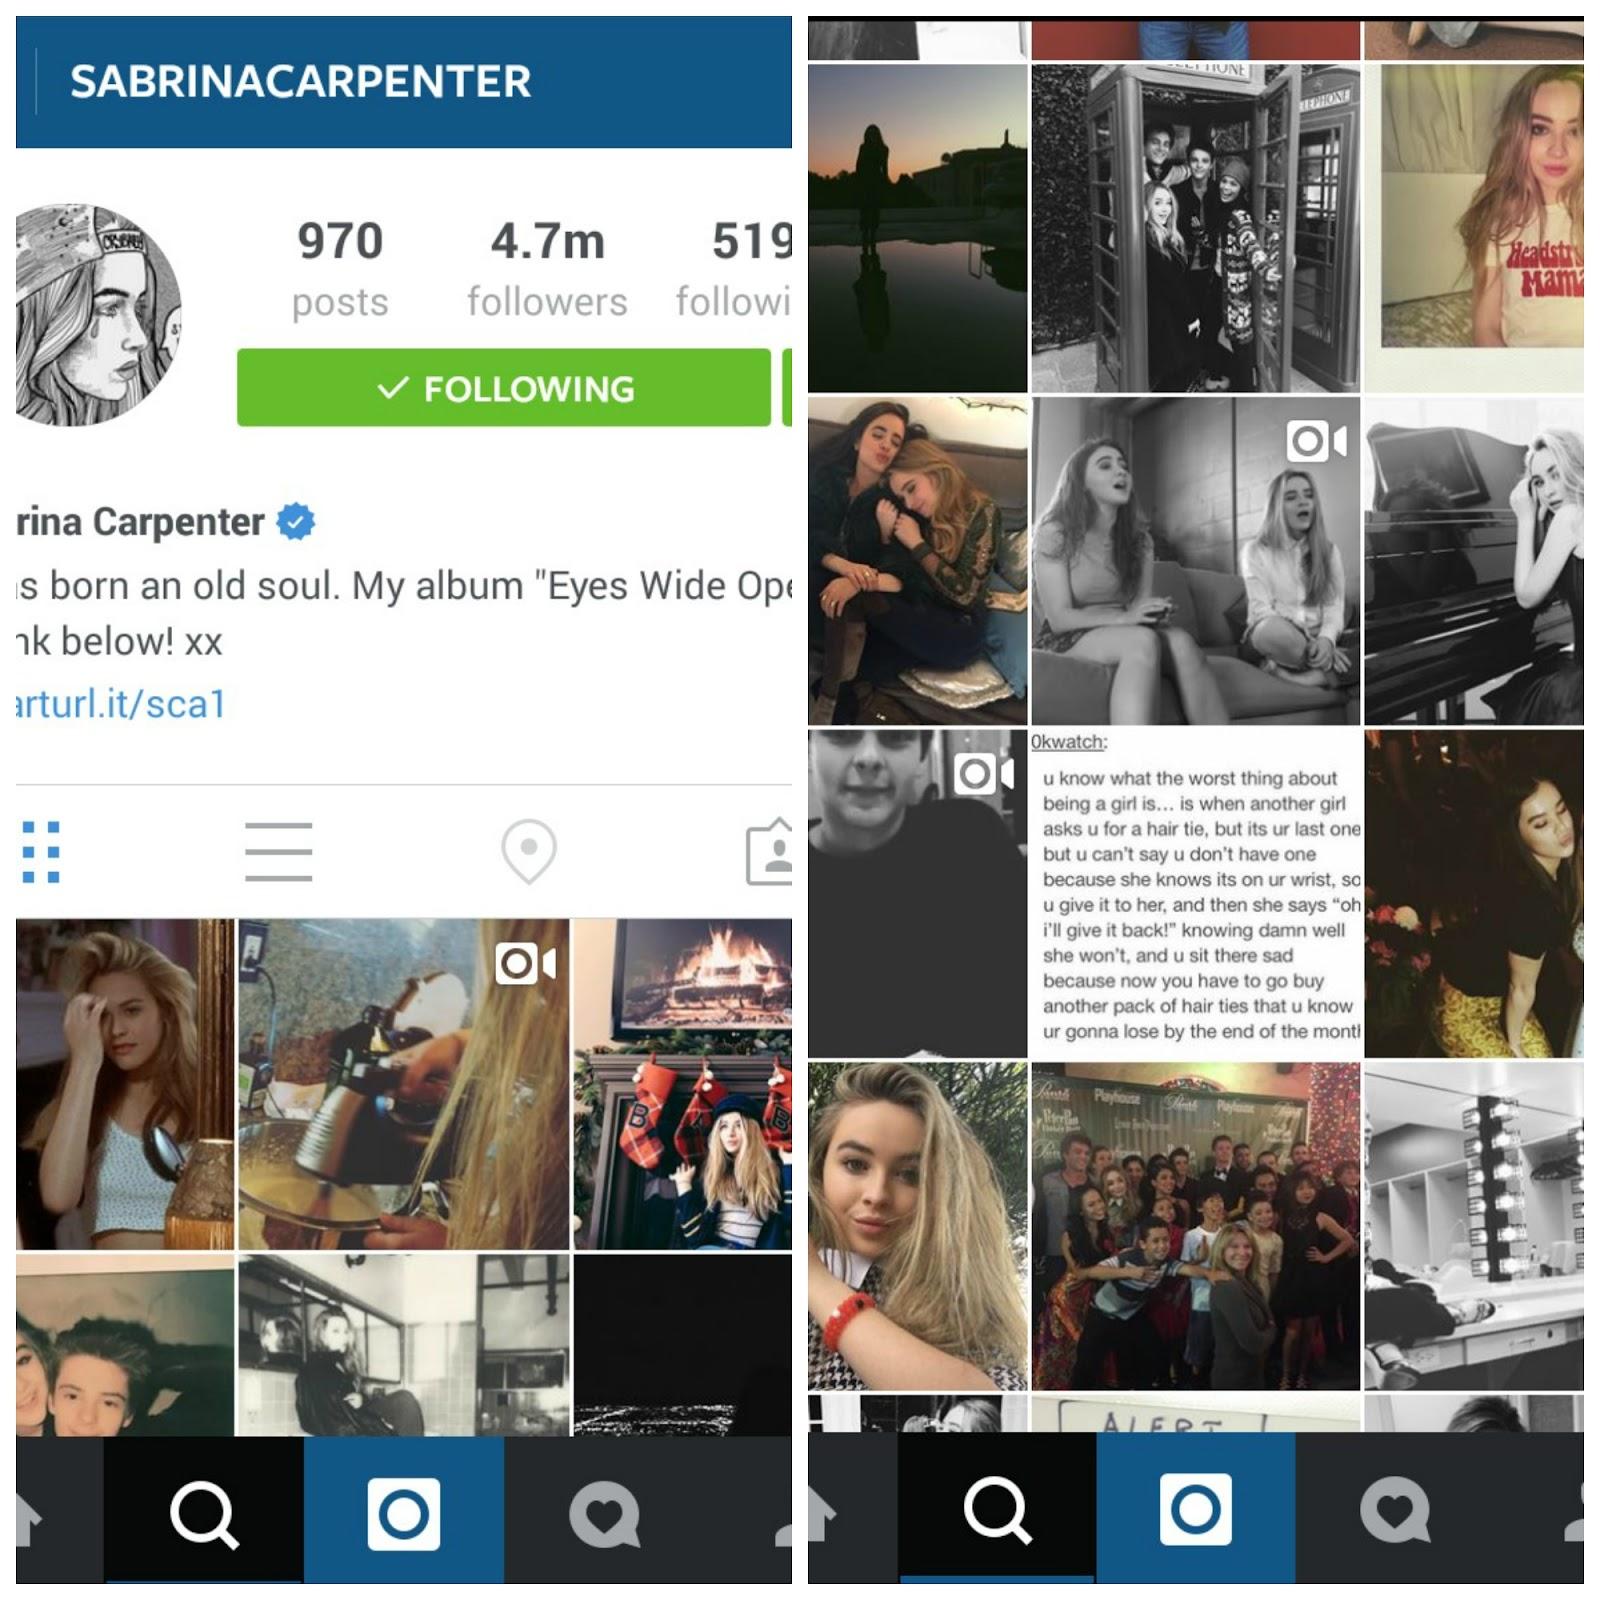 SabrinaCarpenterCollage.jpg